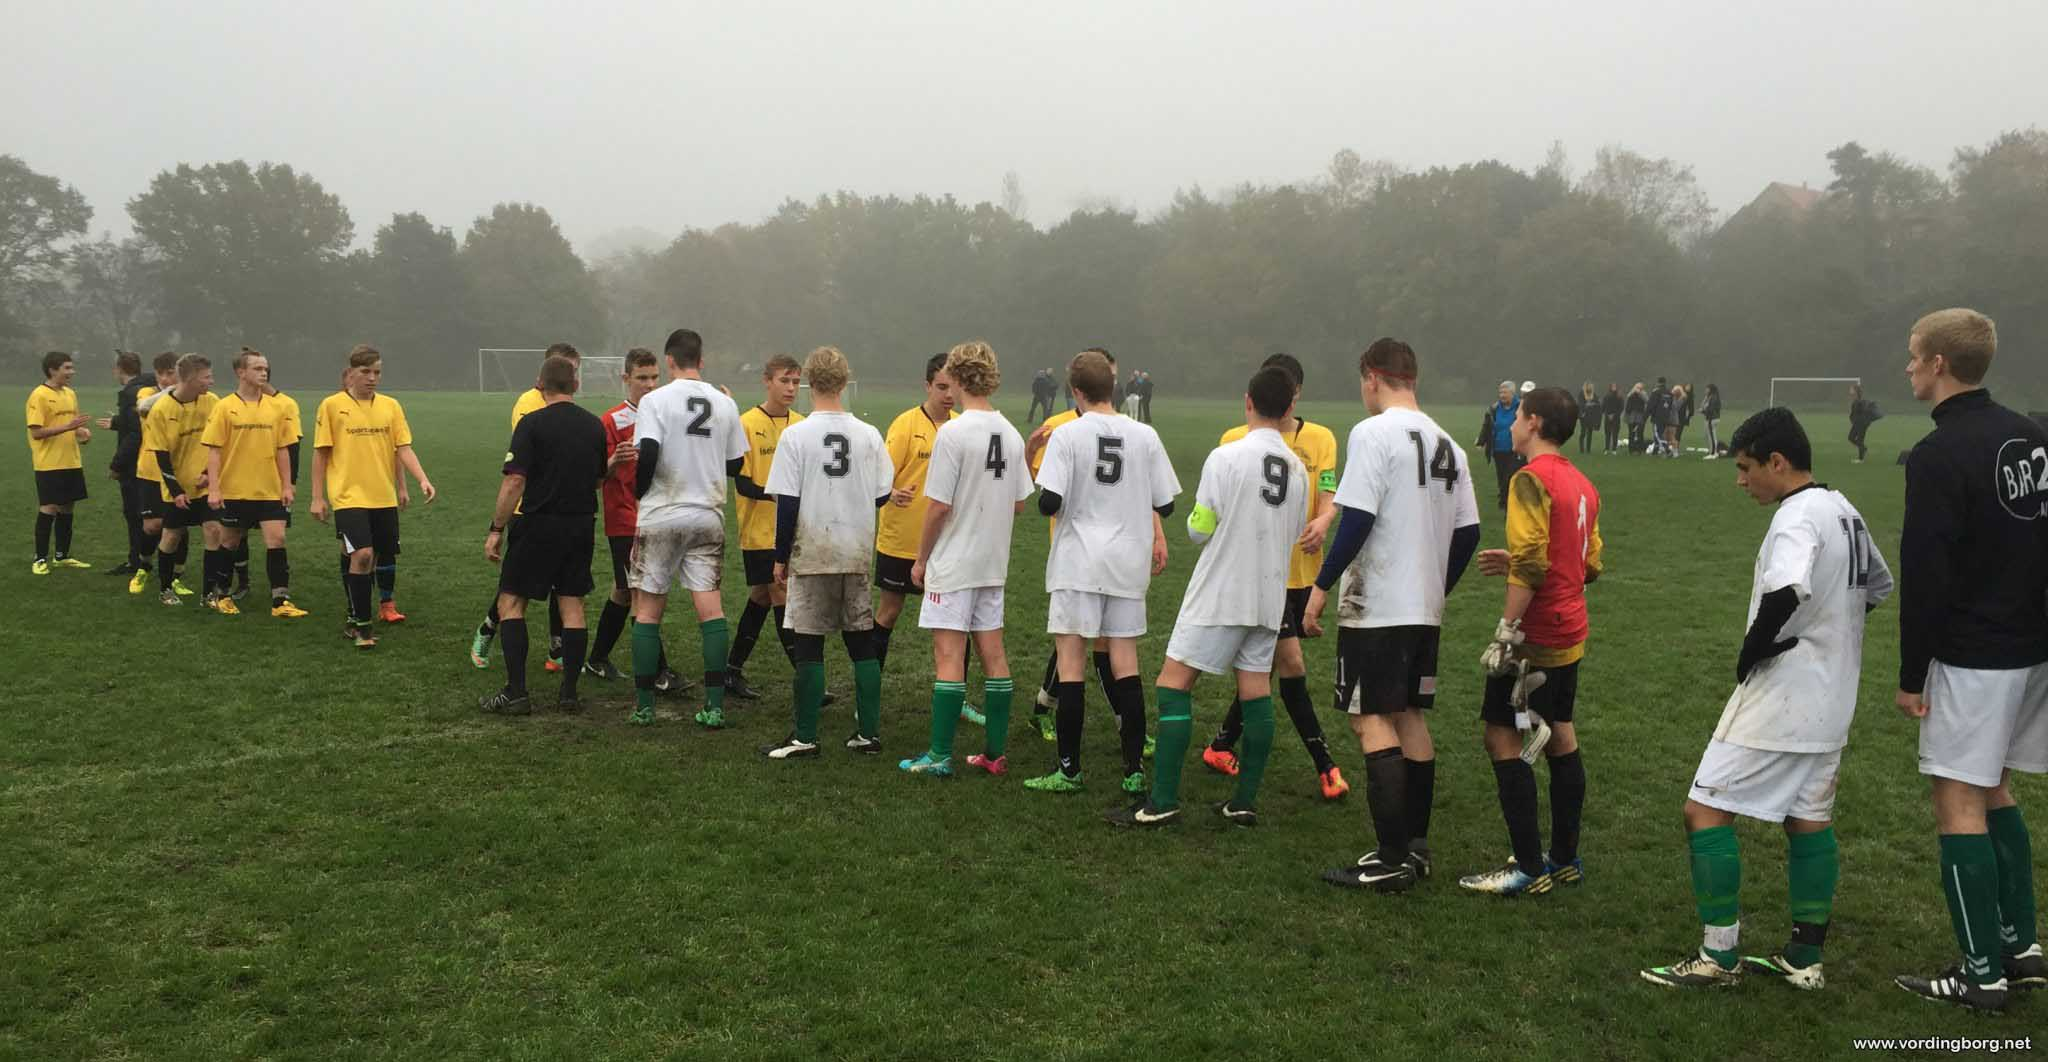 Fodbold: Skolefodbold med hattrick og drama